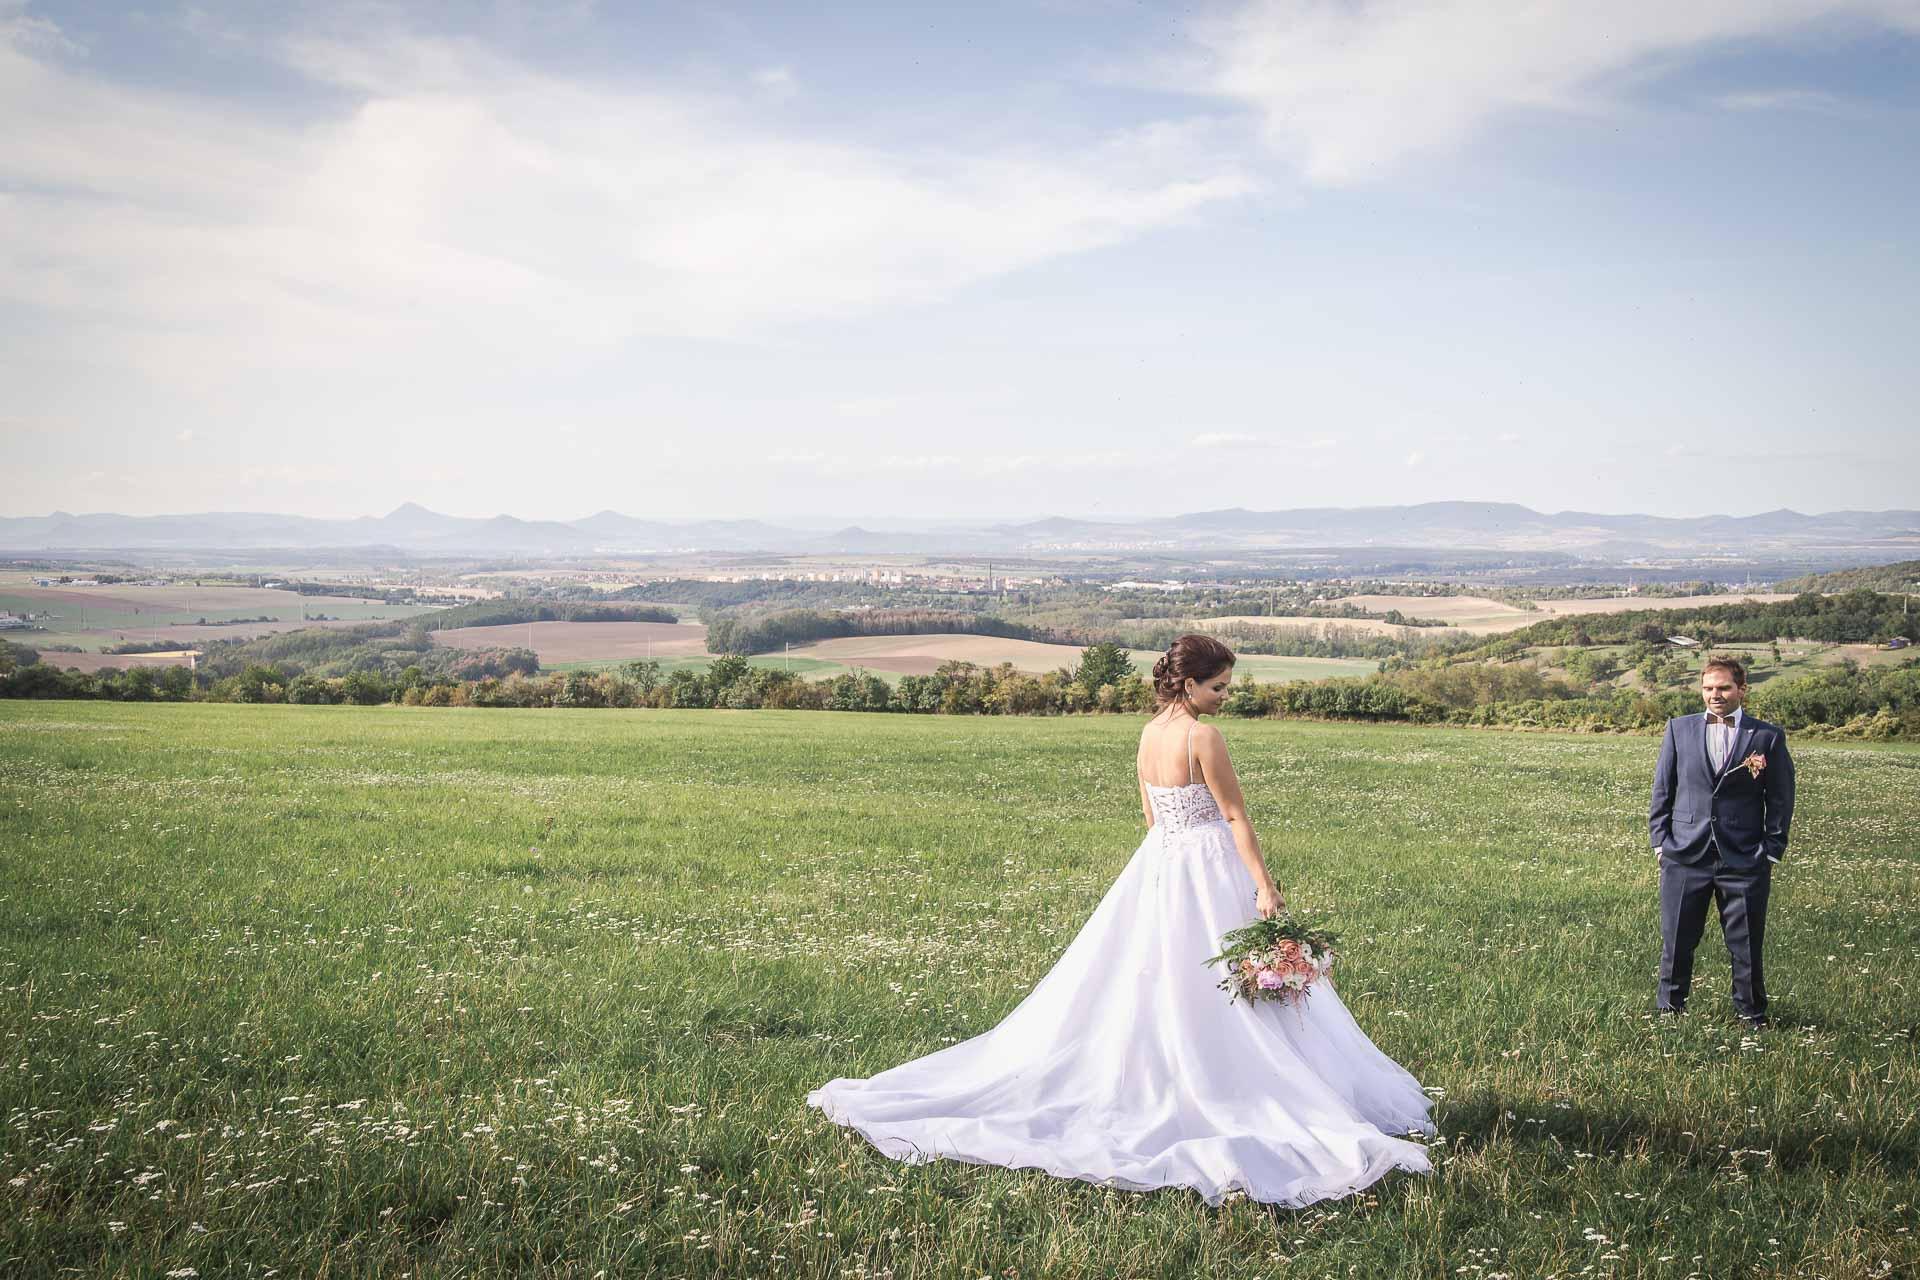 svatební-fotografie-Říp-svatební-video-ŘÍP-svatební-fotograf-ŘÍP-svatba-Mělník-svatba-Neratovice-fotograf-na-savtbu-kameraman-na-svatbu-339